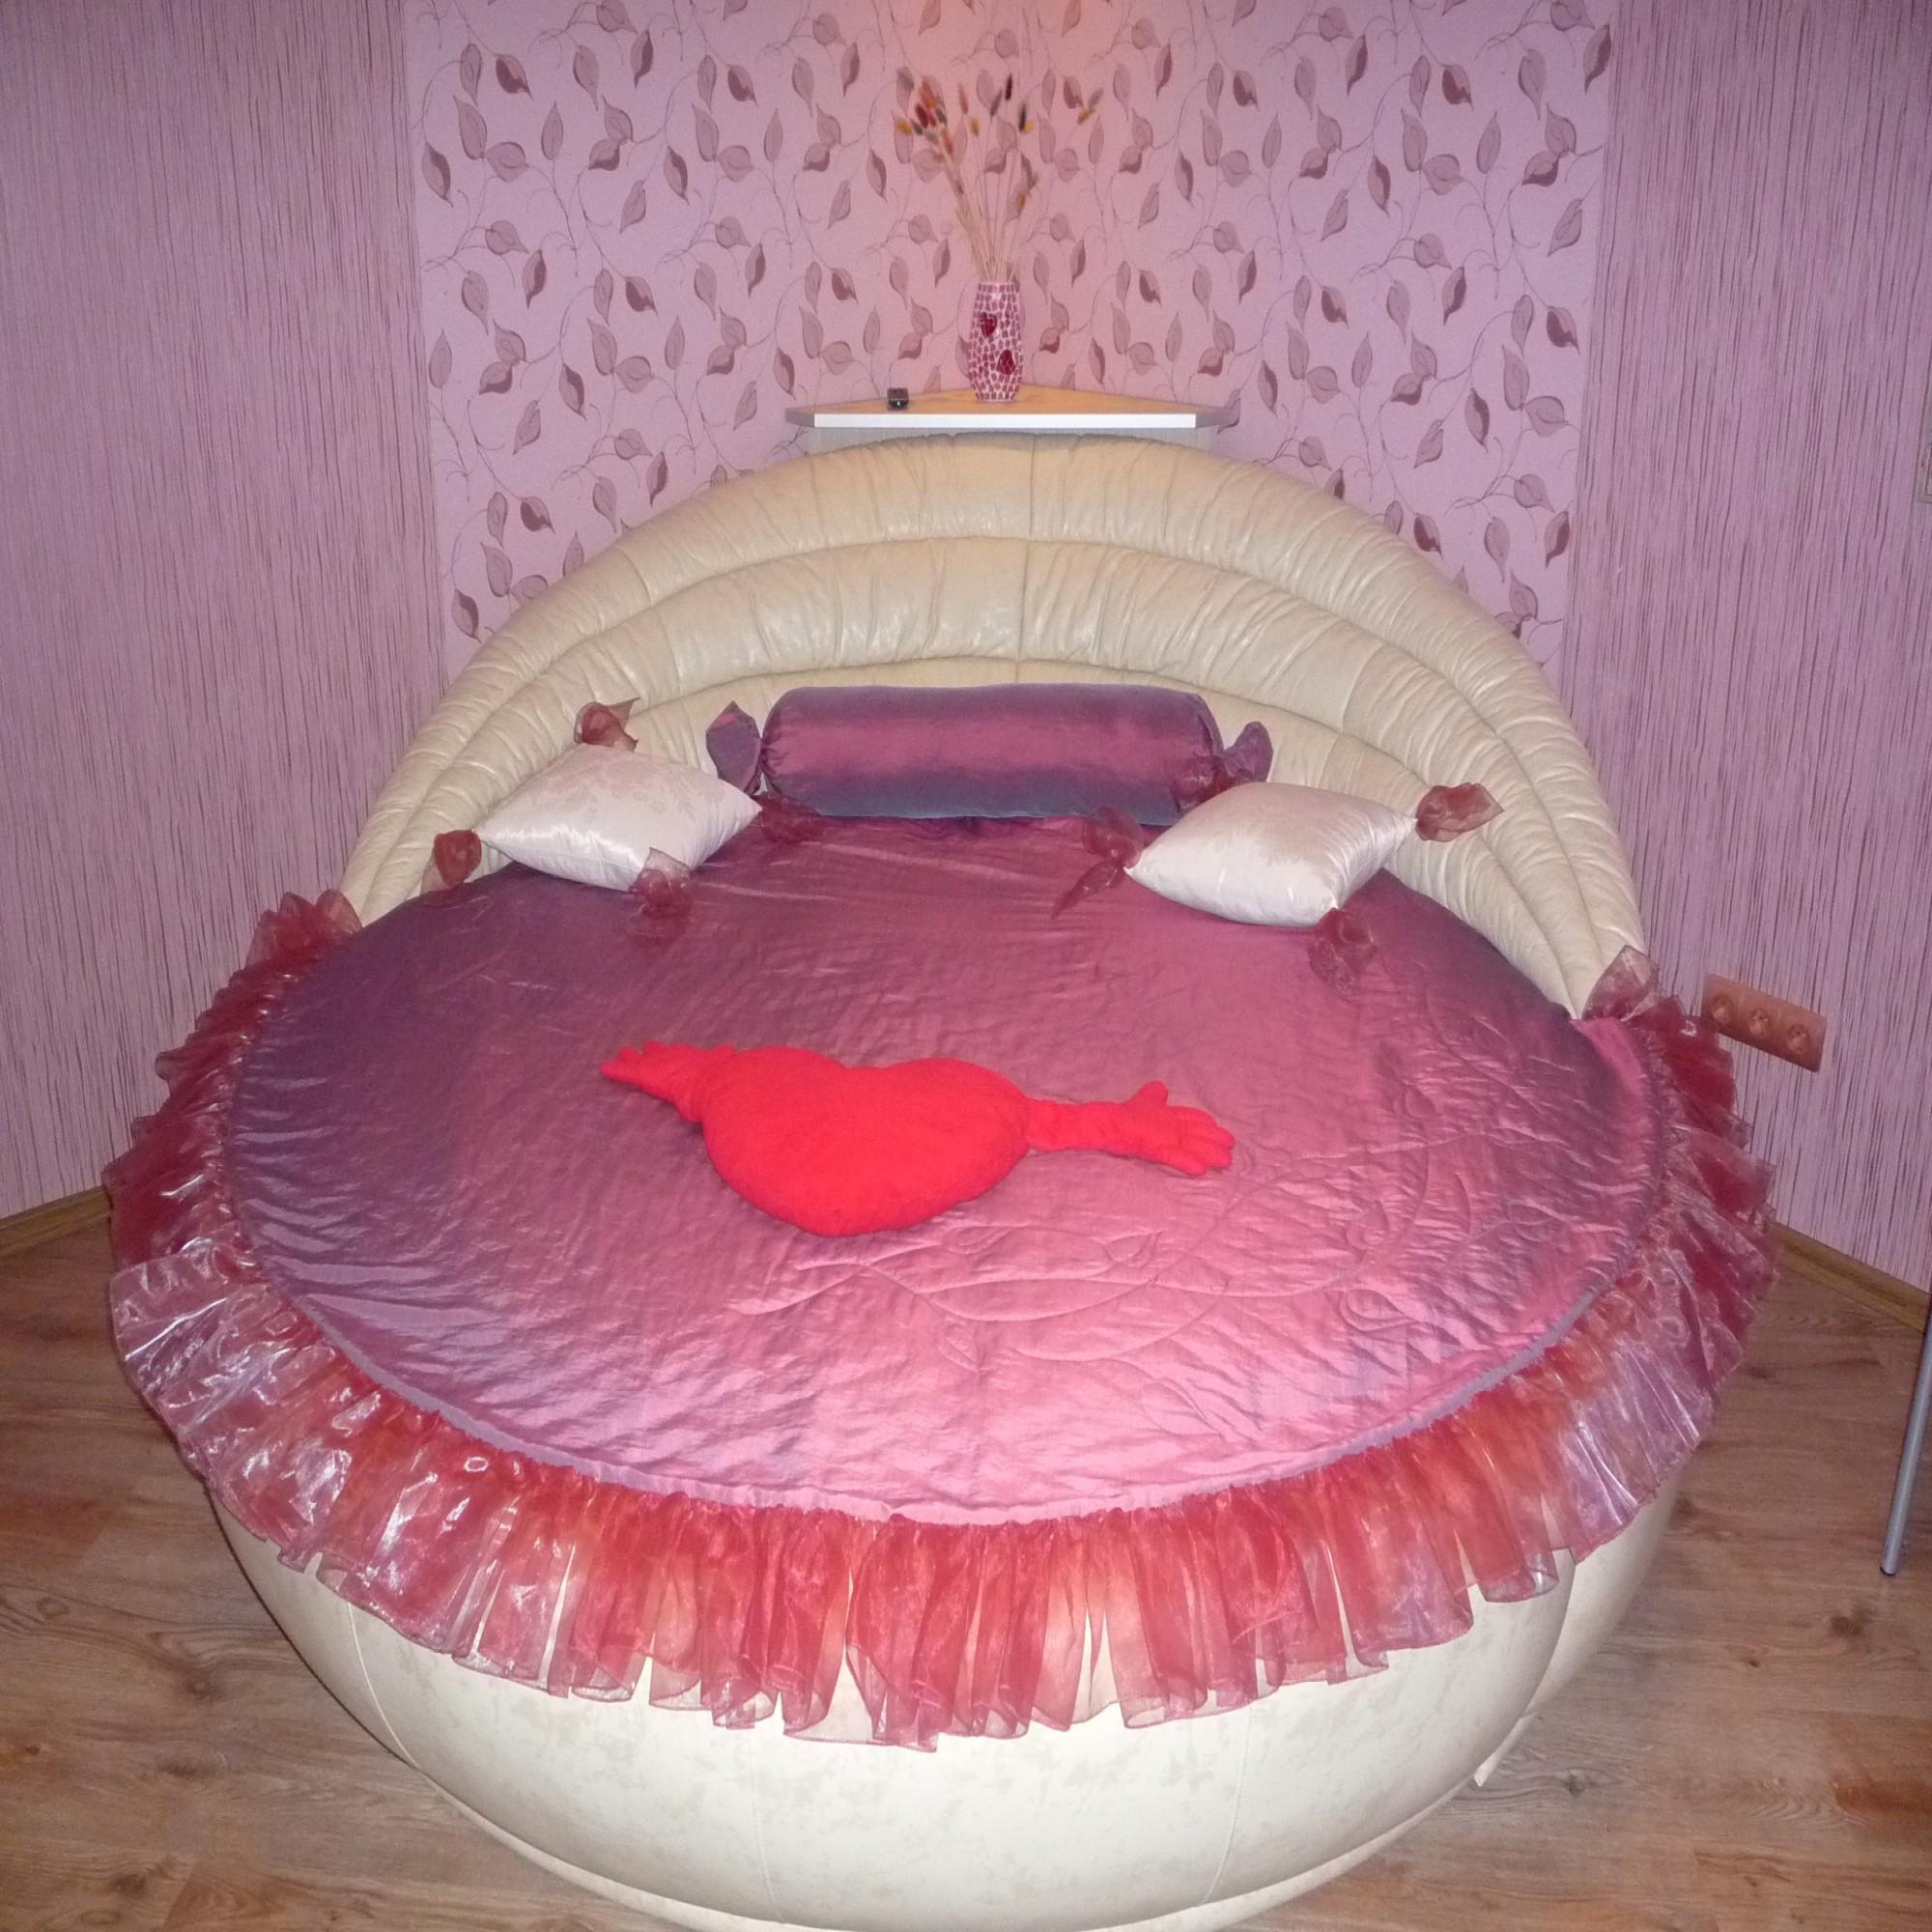 Круглая кровать с кожаной обивкой